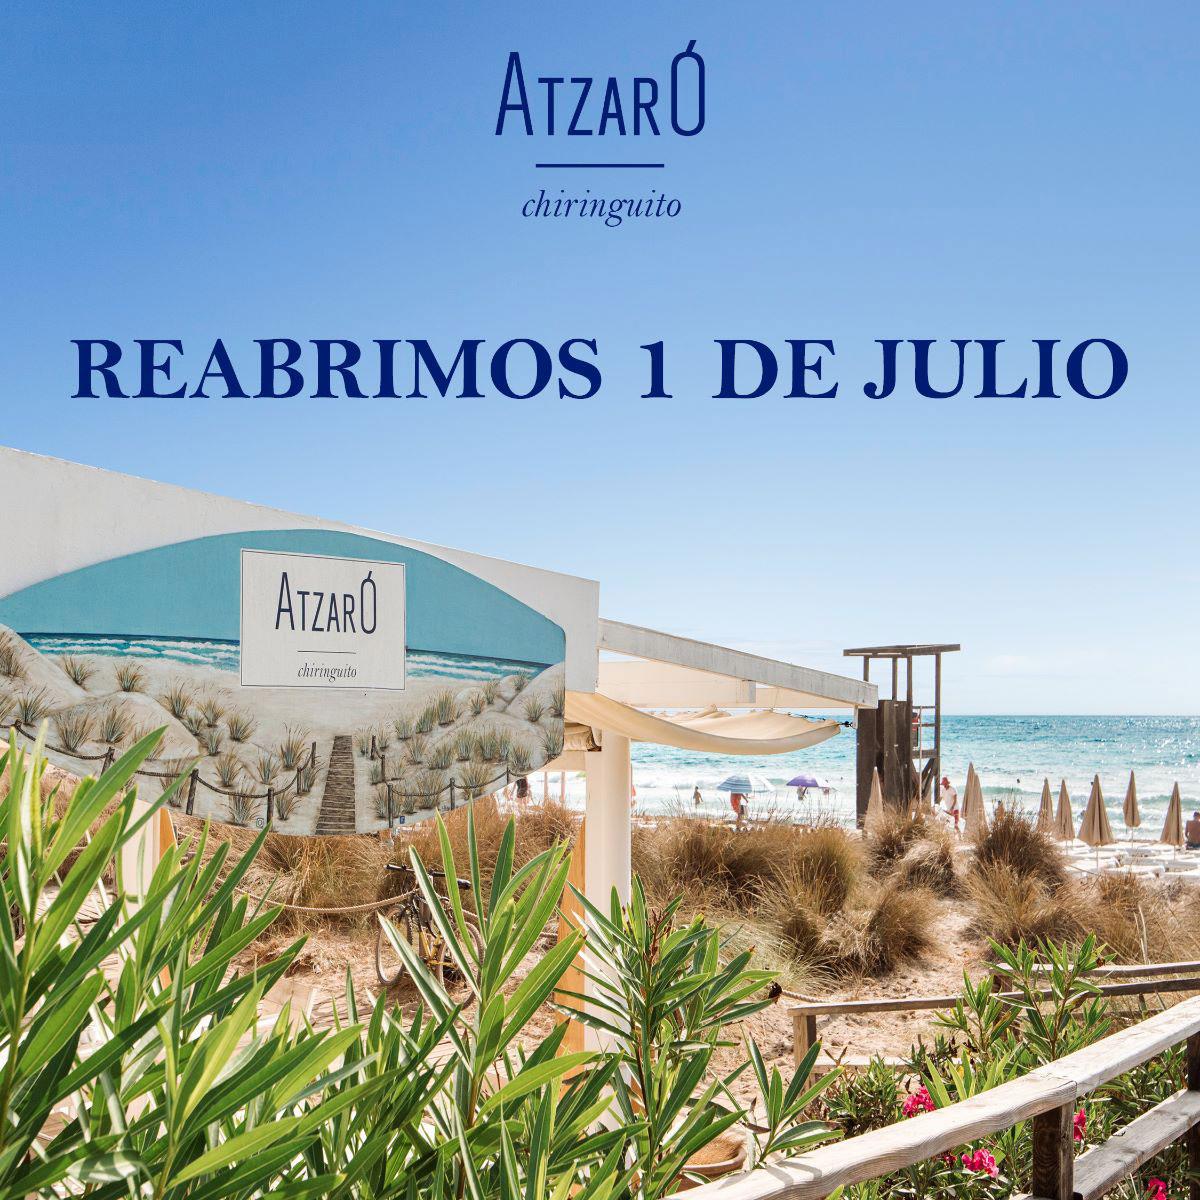 reopening-beach-bar-atzaro-ibiza-2020-welcometoibiza